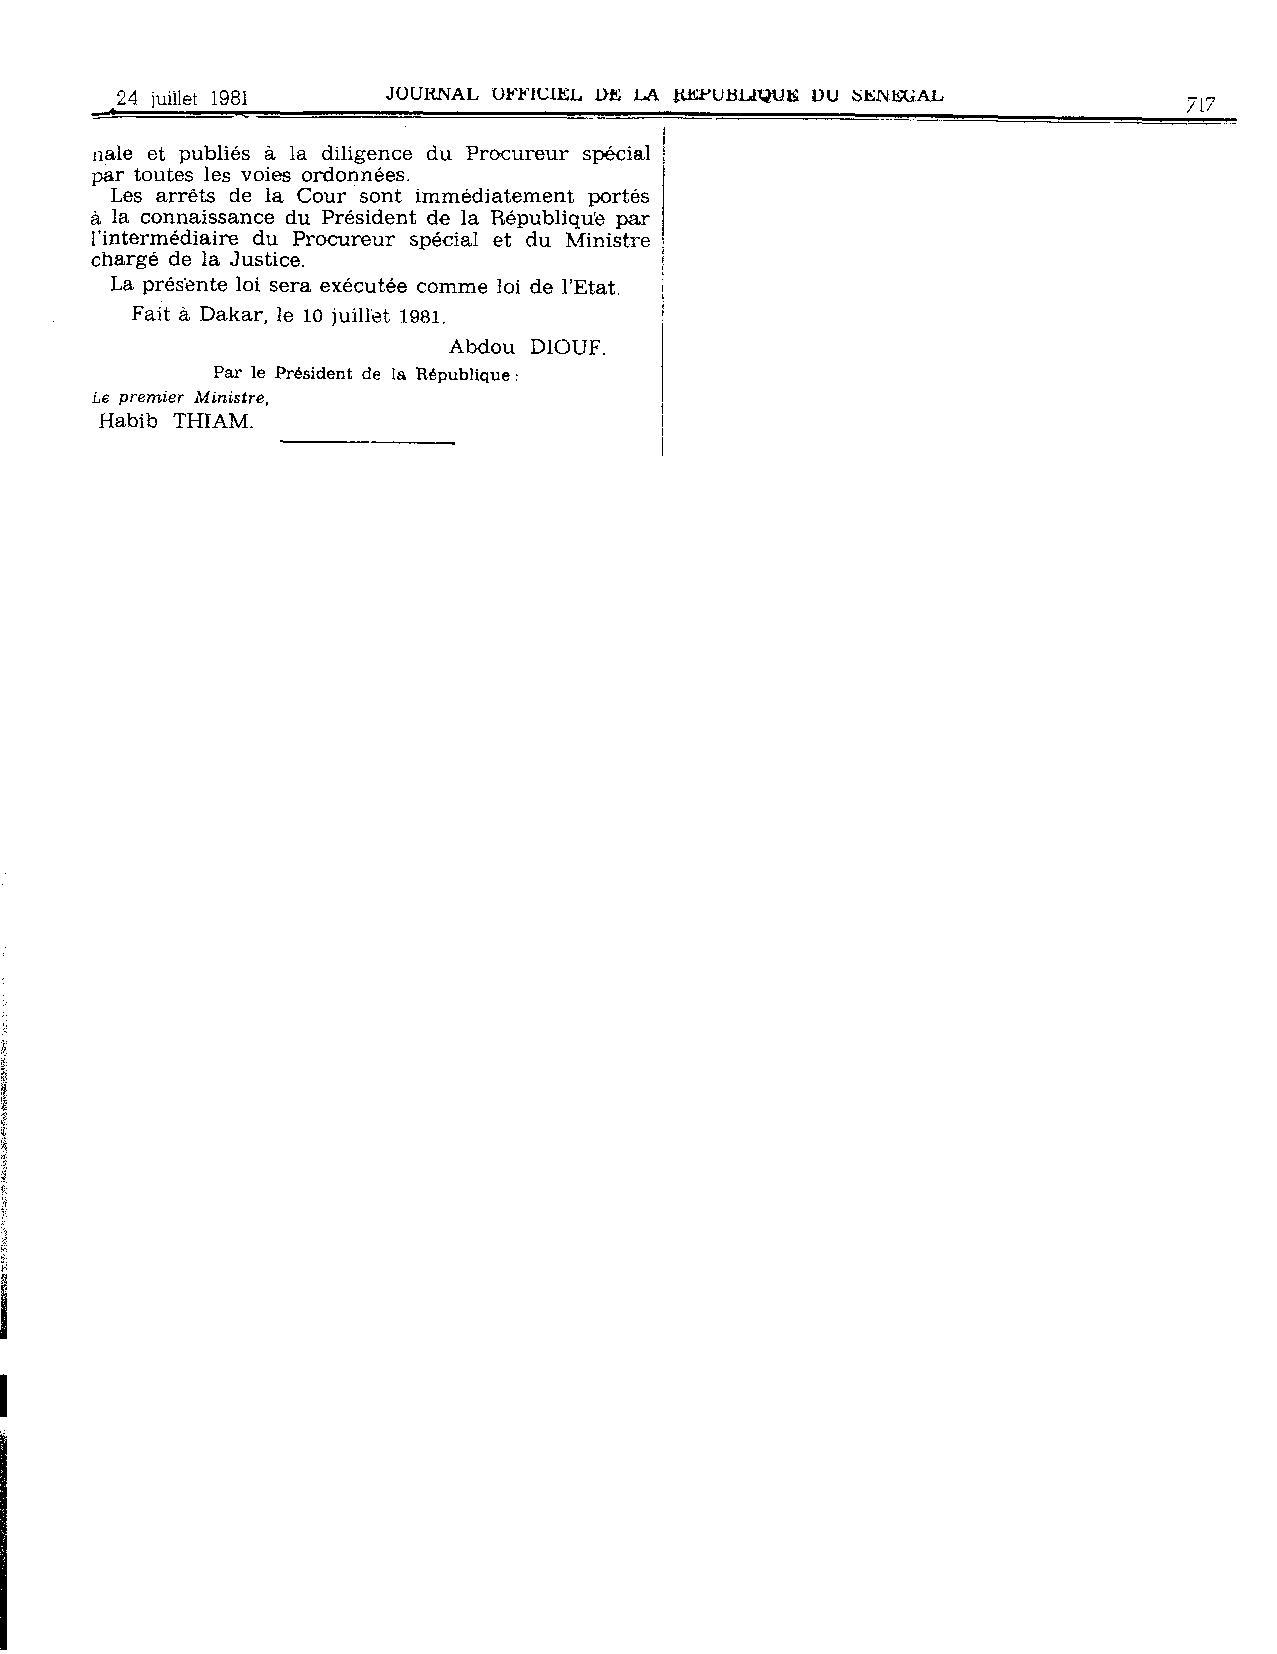 Lois n° 81-53 et n° 81-54 du 10 juillet 1981 relatives à la répression de l'enrichissement illicite : Les motivations d'Abdou Diouf  en 1981?